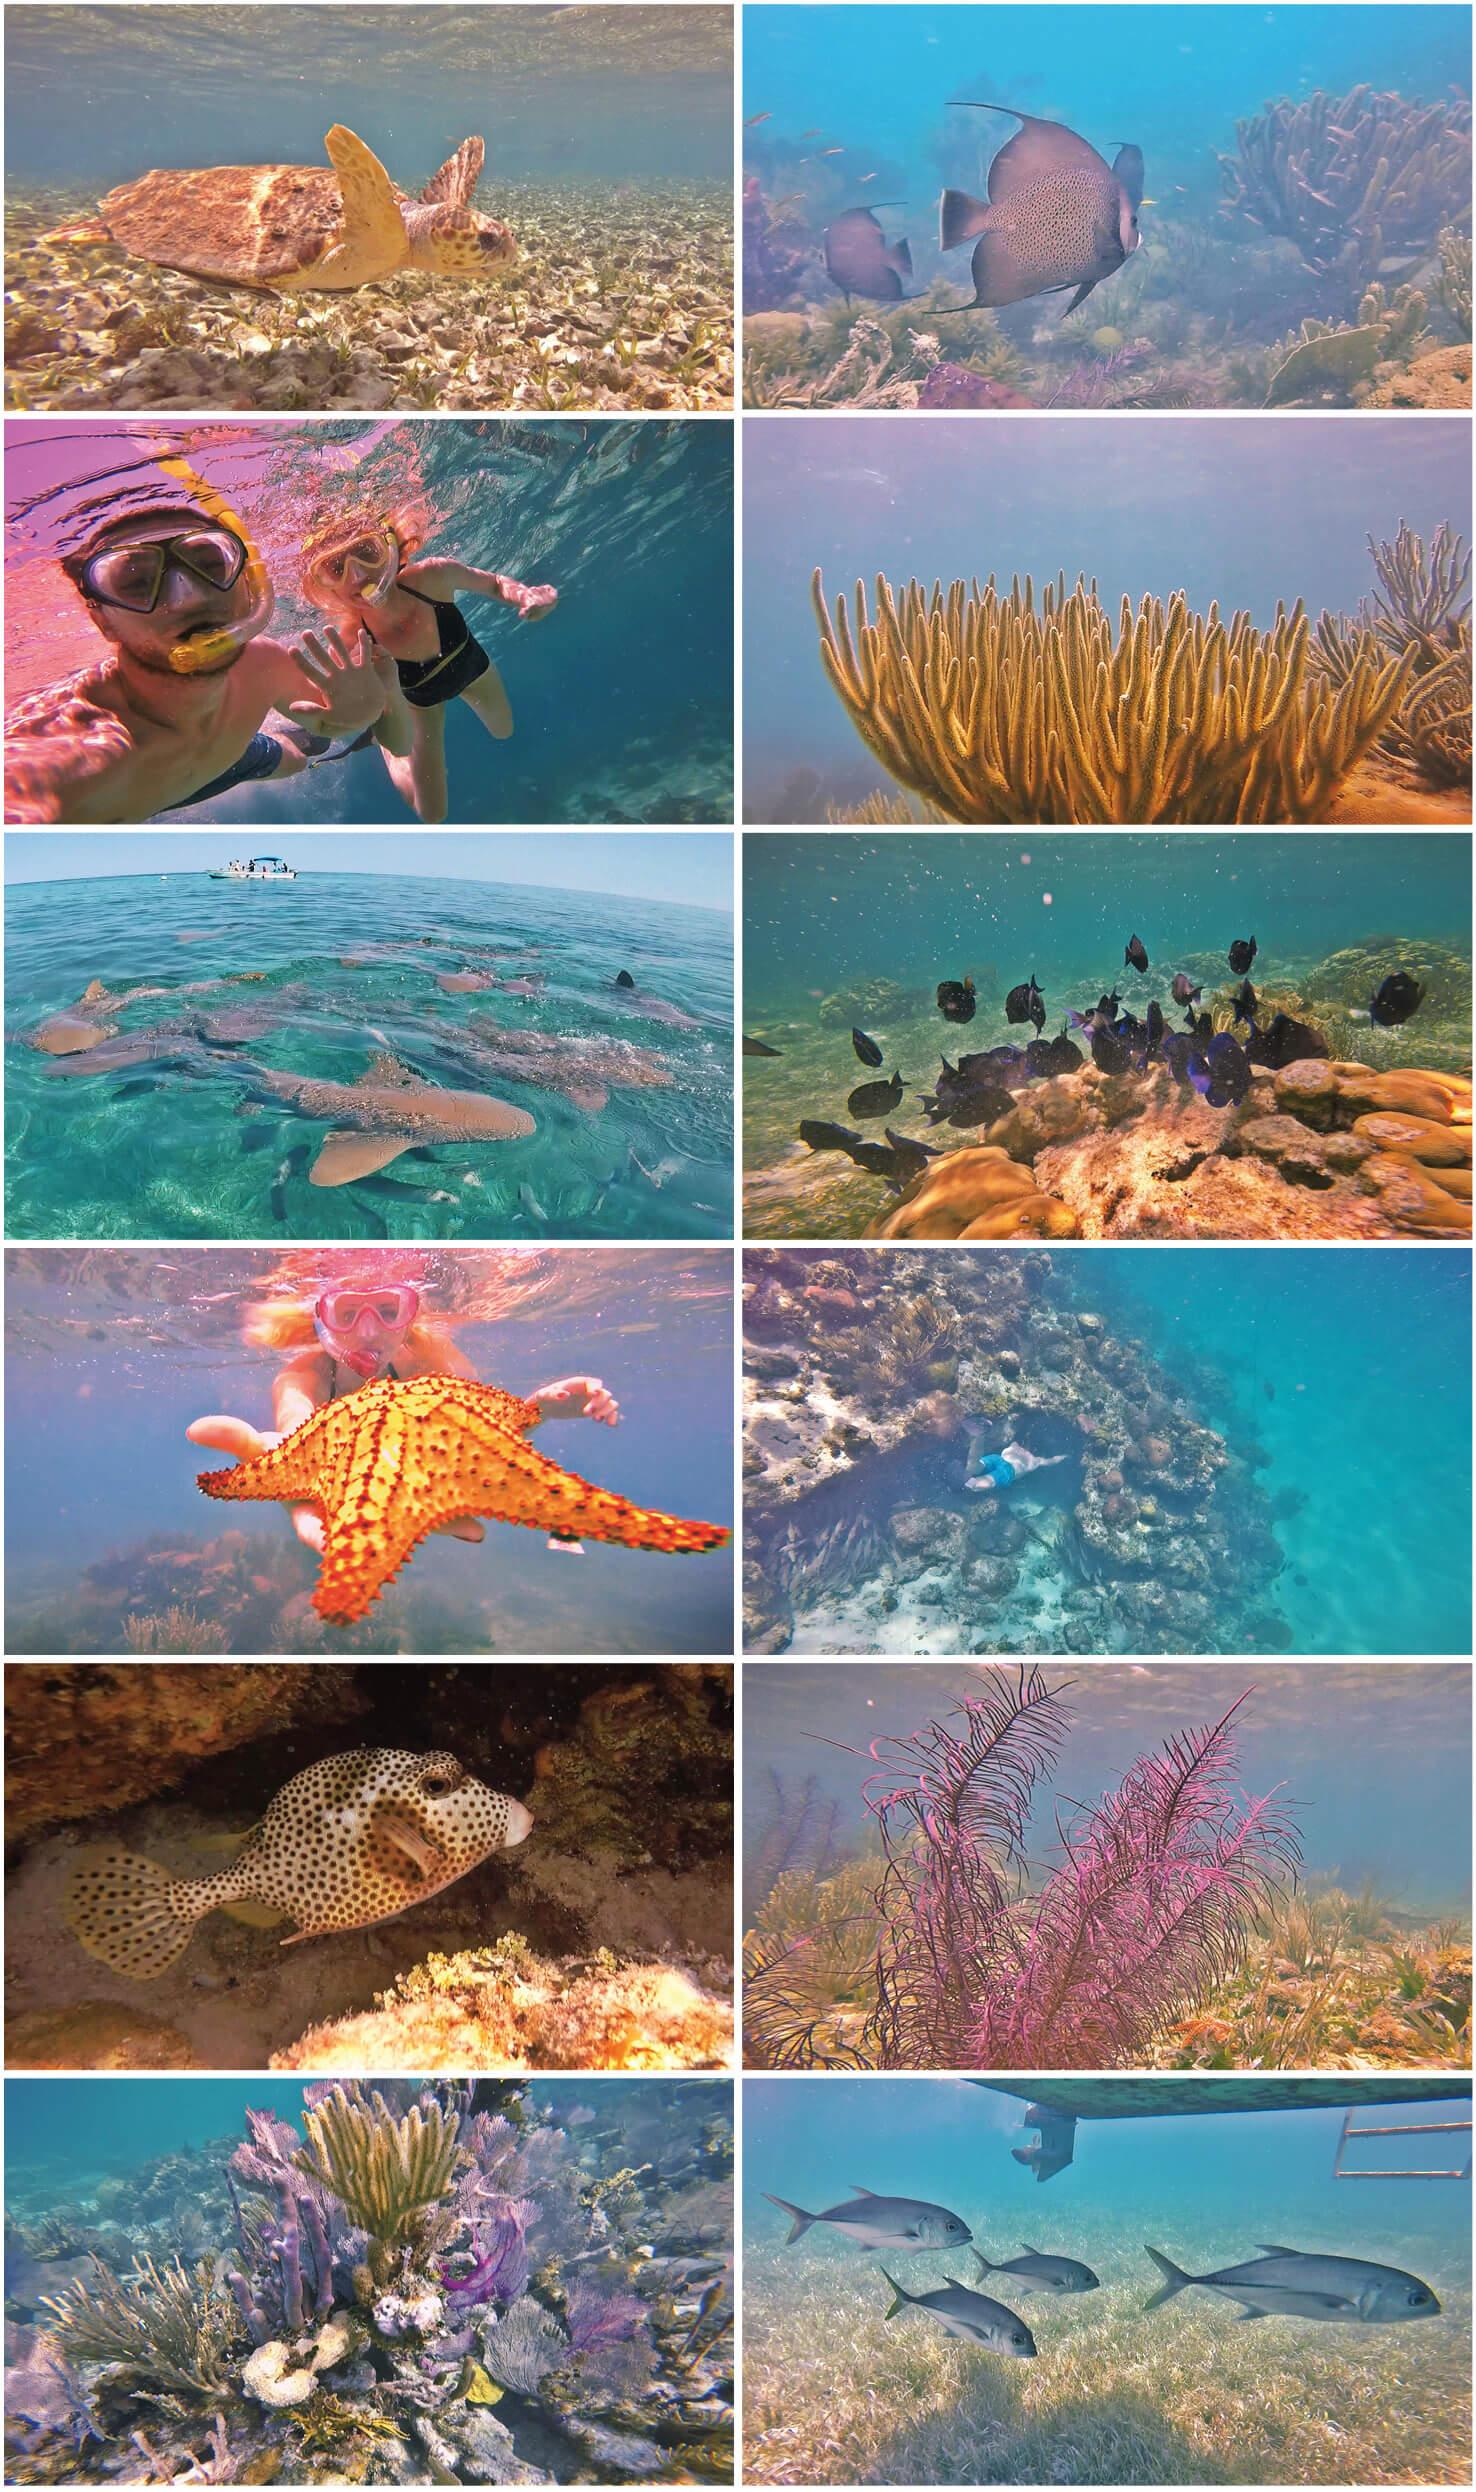 belize, coraux, snorkeling, hol chan, poissons, tortue, etoile de mer, requins, raies, corail, voyage